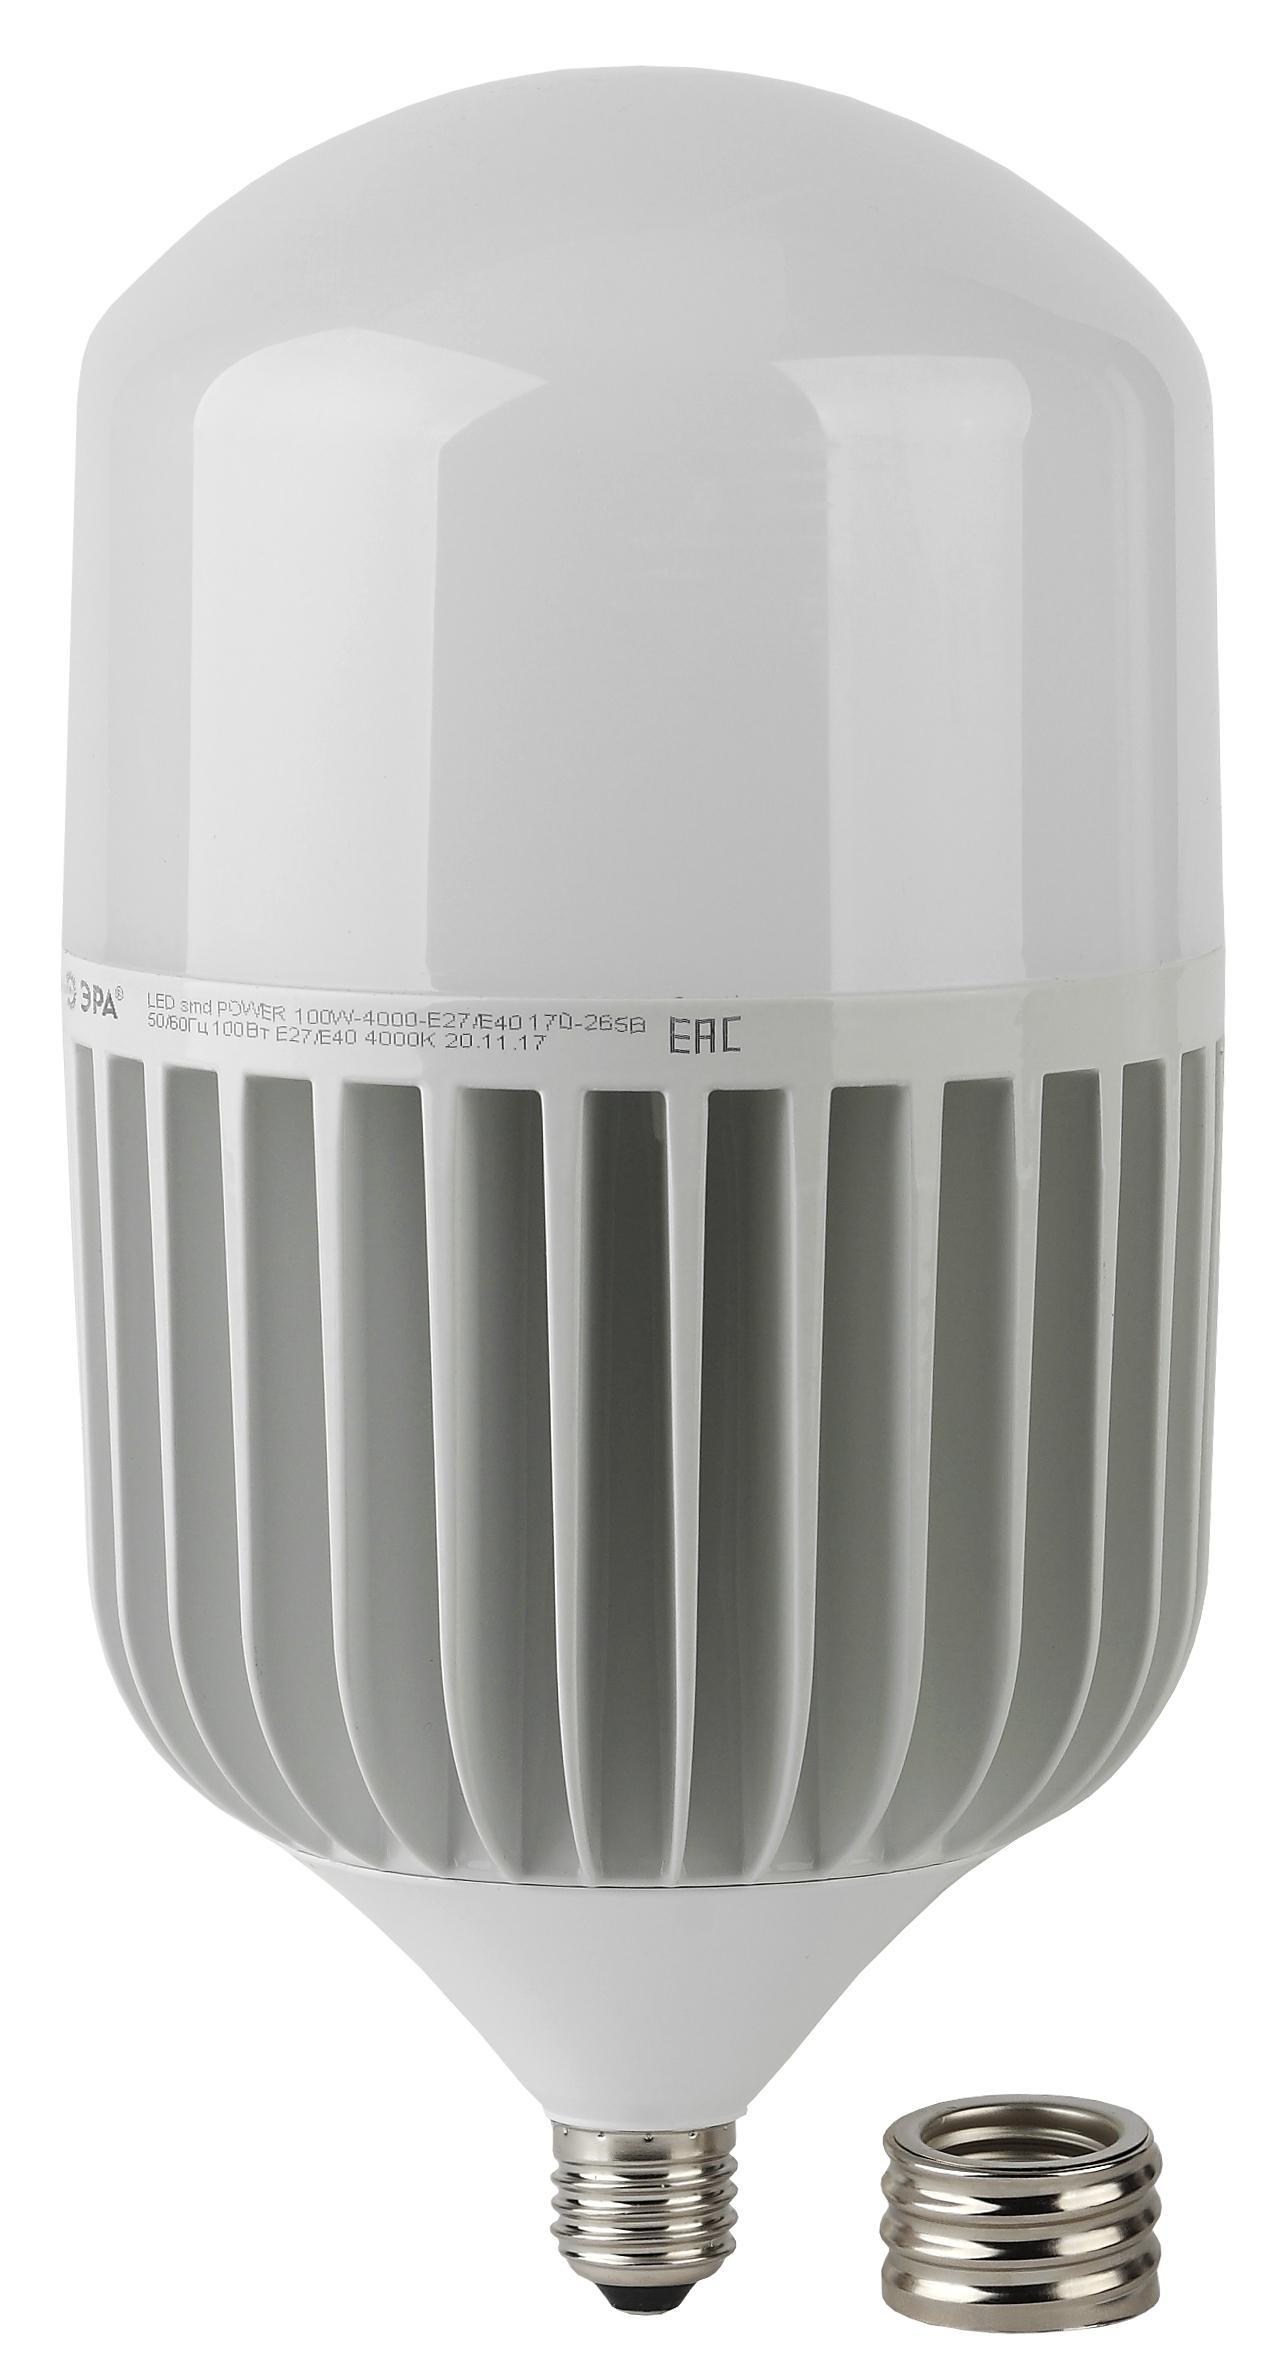 Лампа ЭРА Led power t160-100w-4000-e27/e40 (Б0032089)